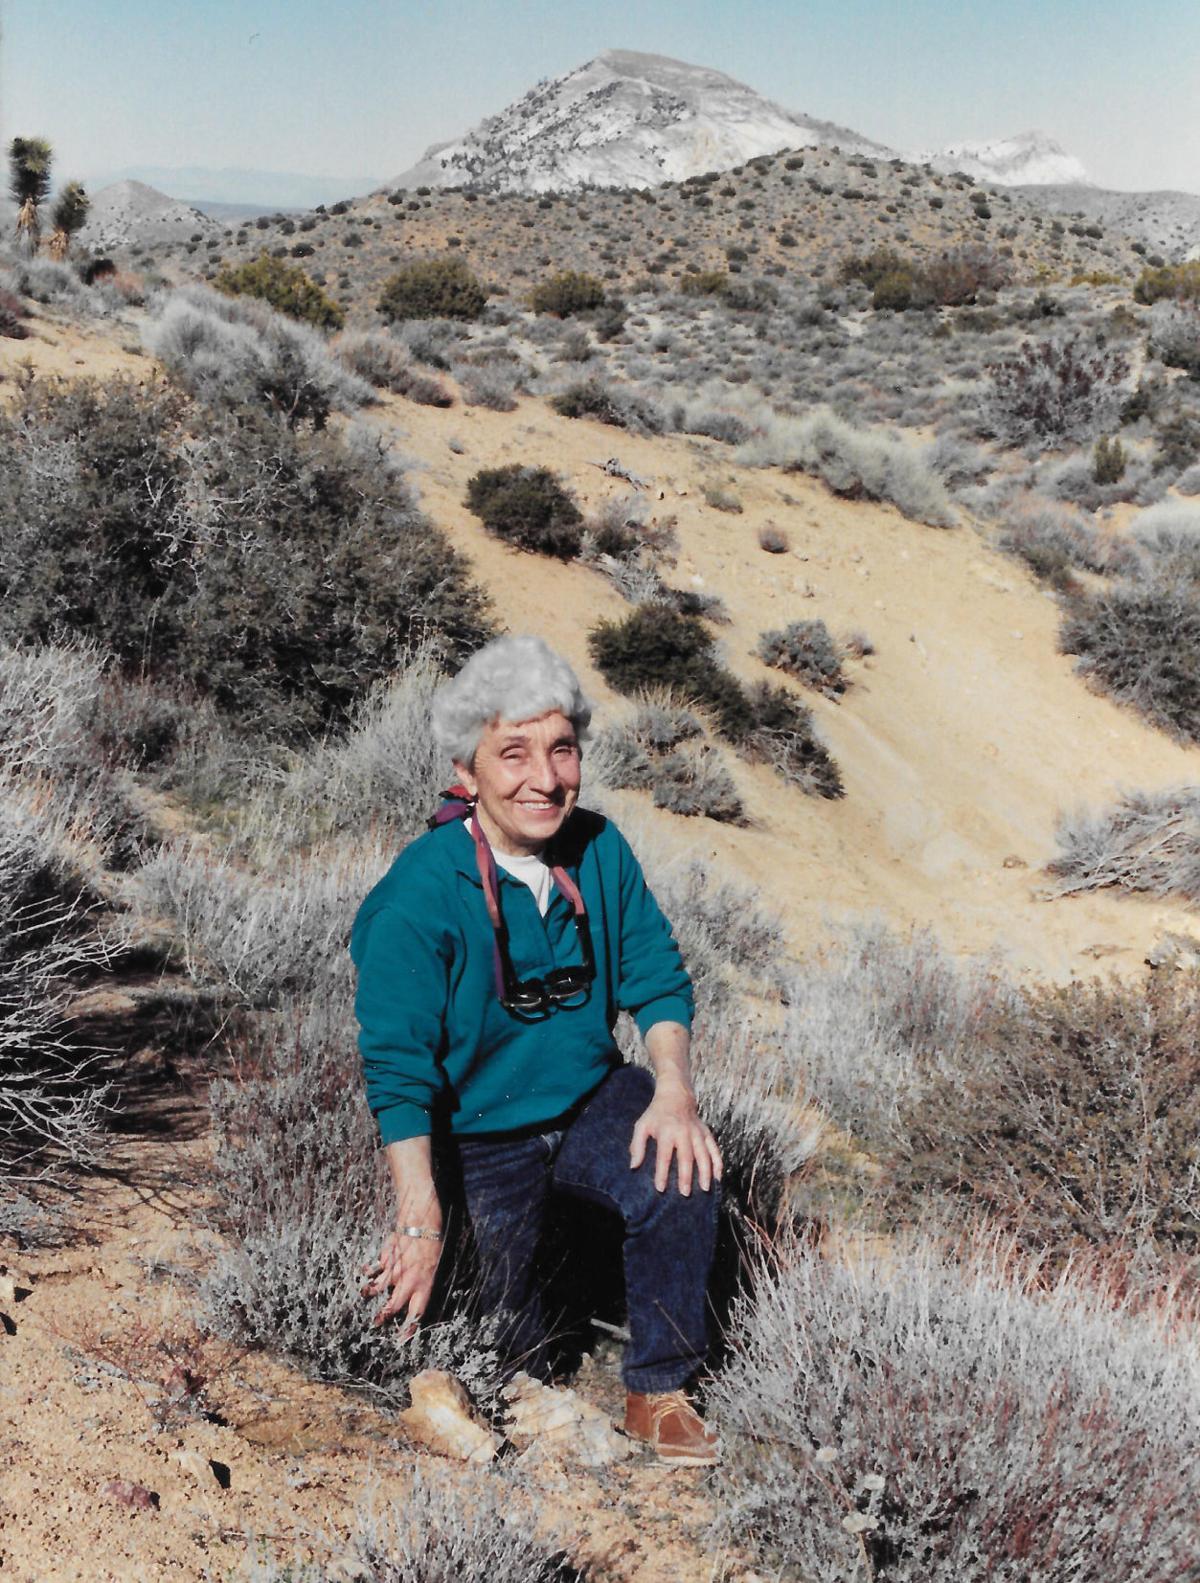 Louise DeZan Mantoth, 1922-2018